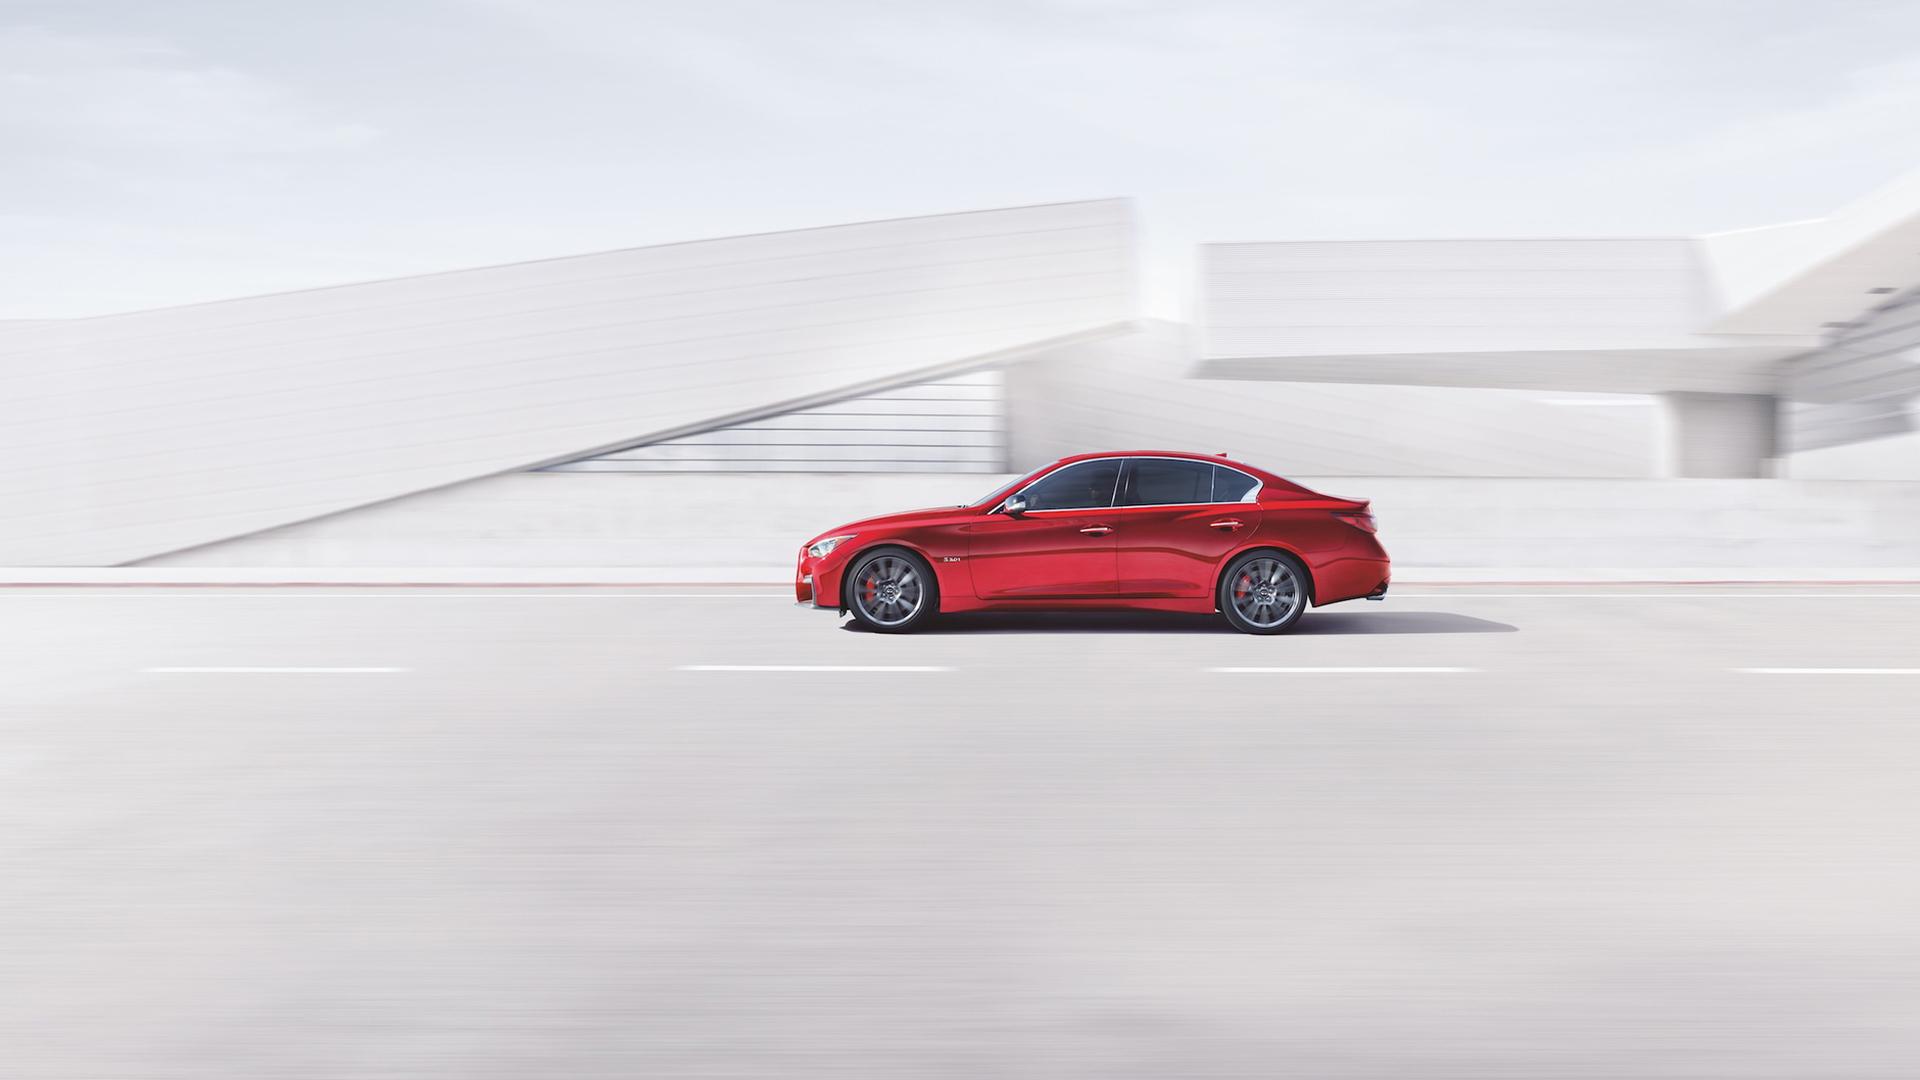 2020 Infiniti Q50 Sedan